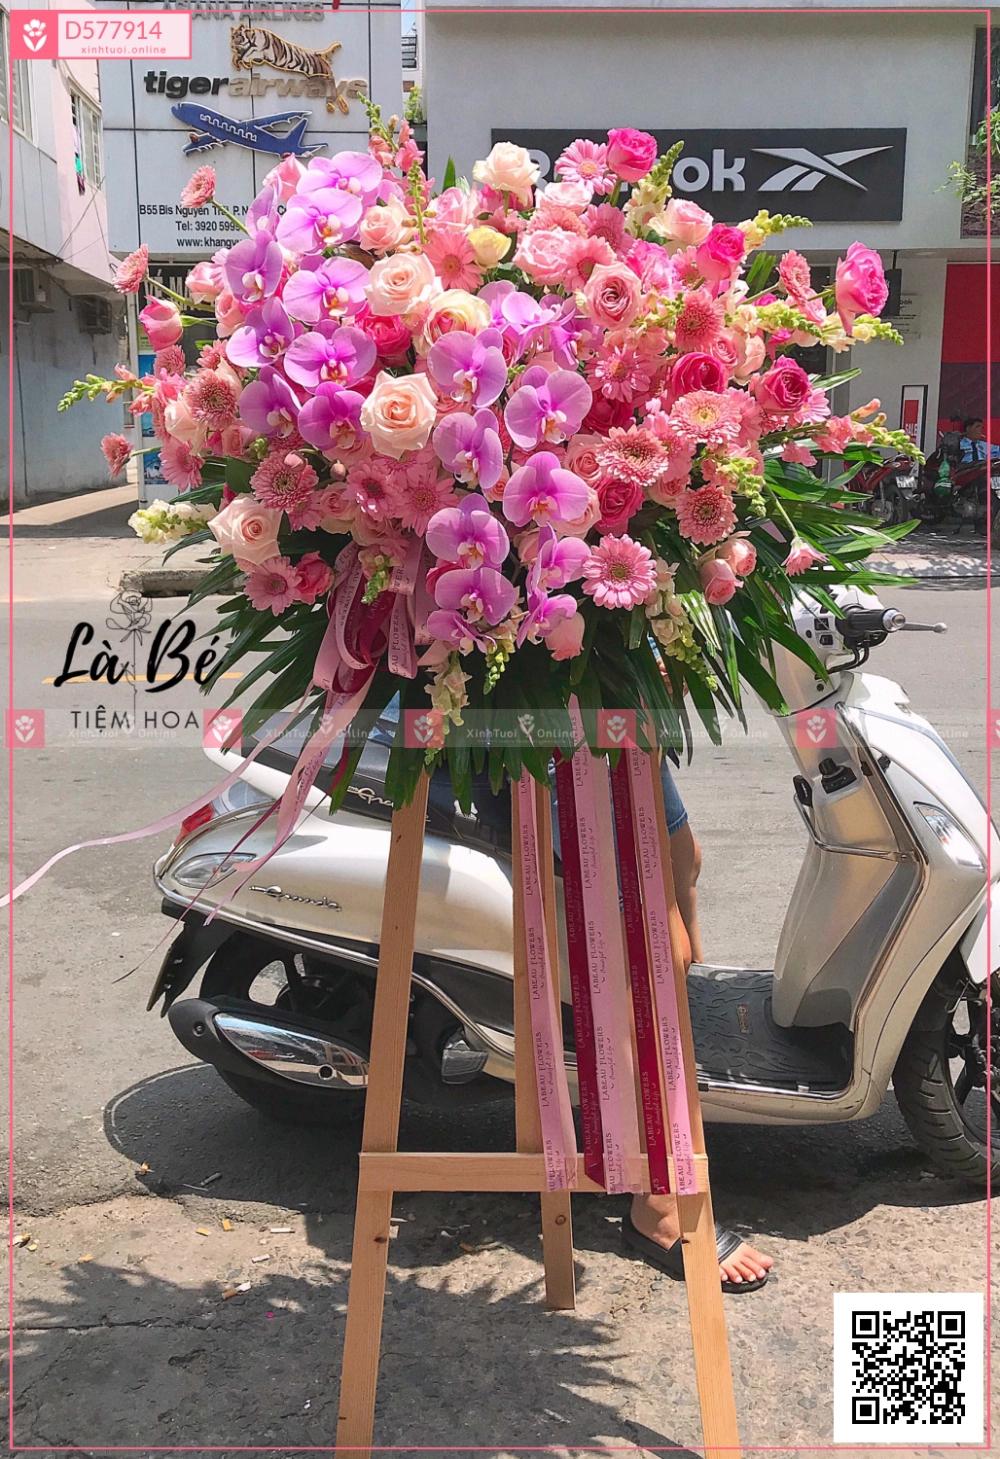 Hạnh phúc - D577914 - xinhtuoi.online